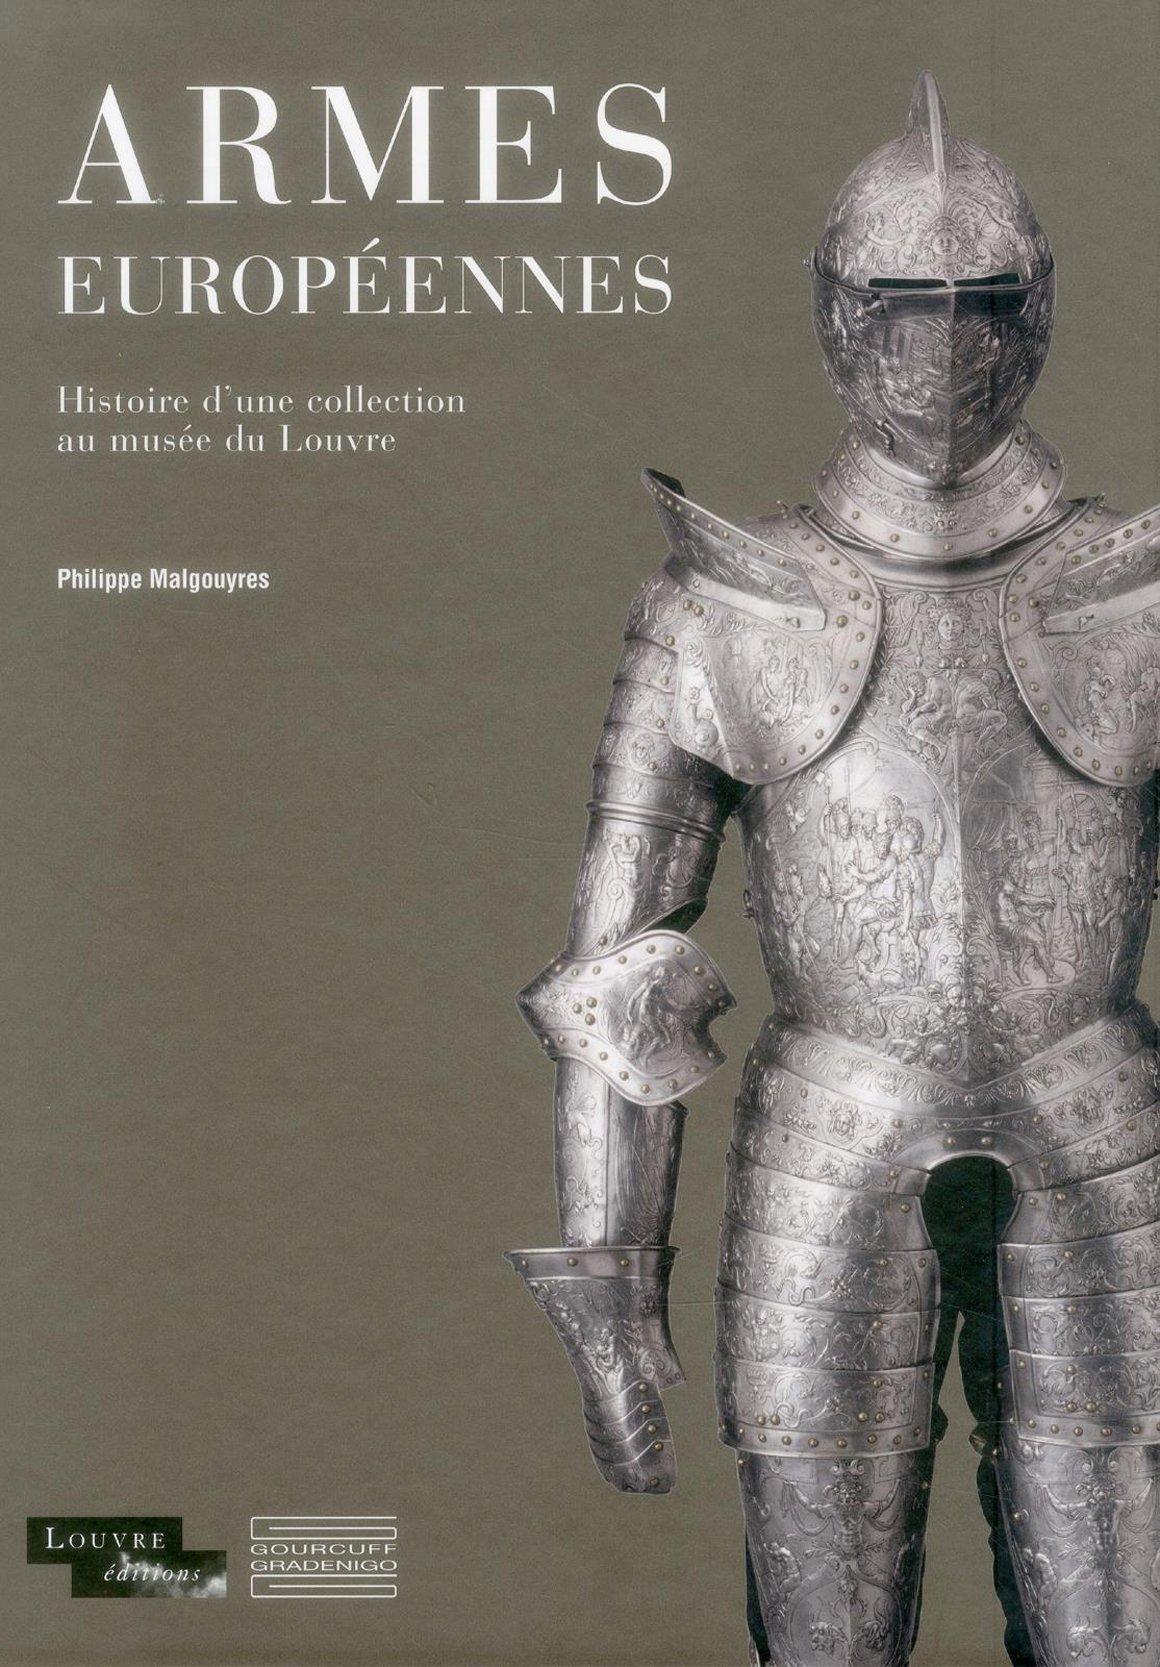 Armes Européennes: Histoire D'une Collection Au Musée Du Louvre